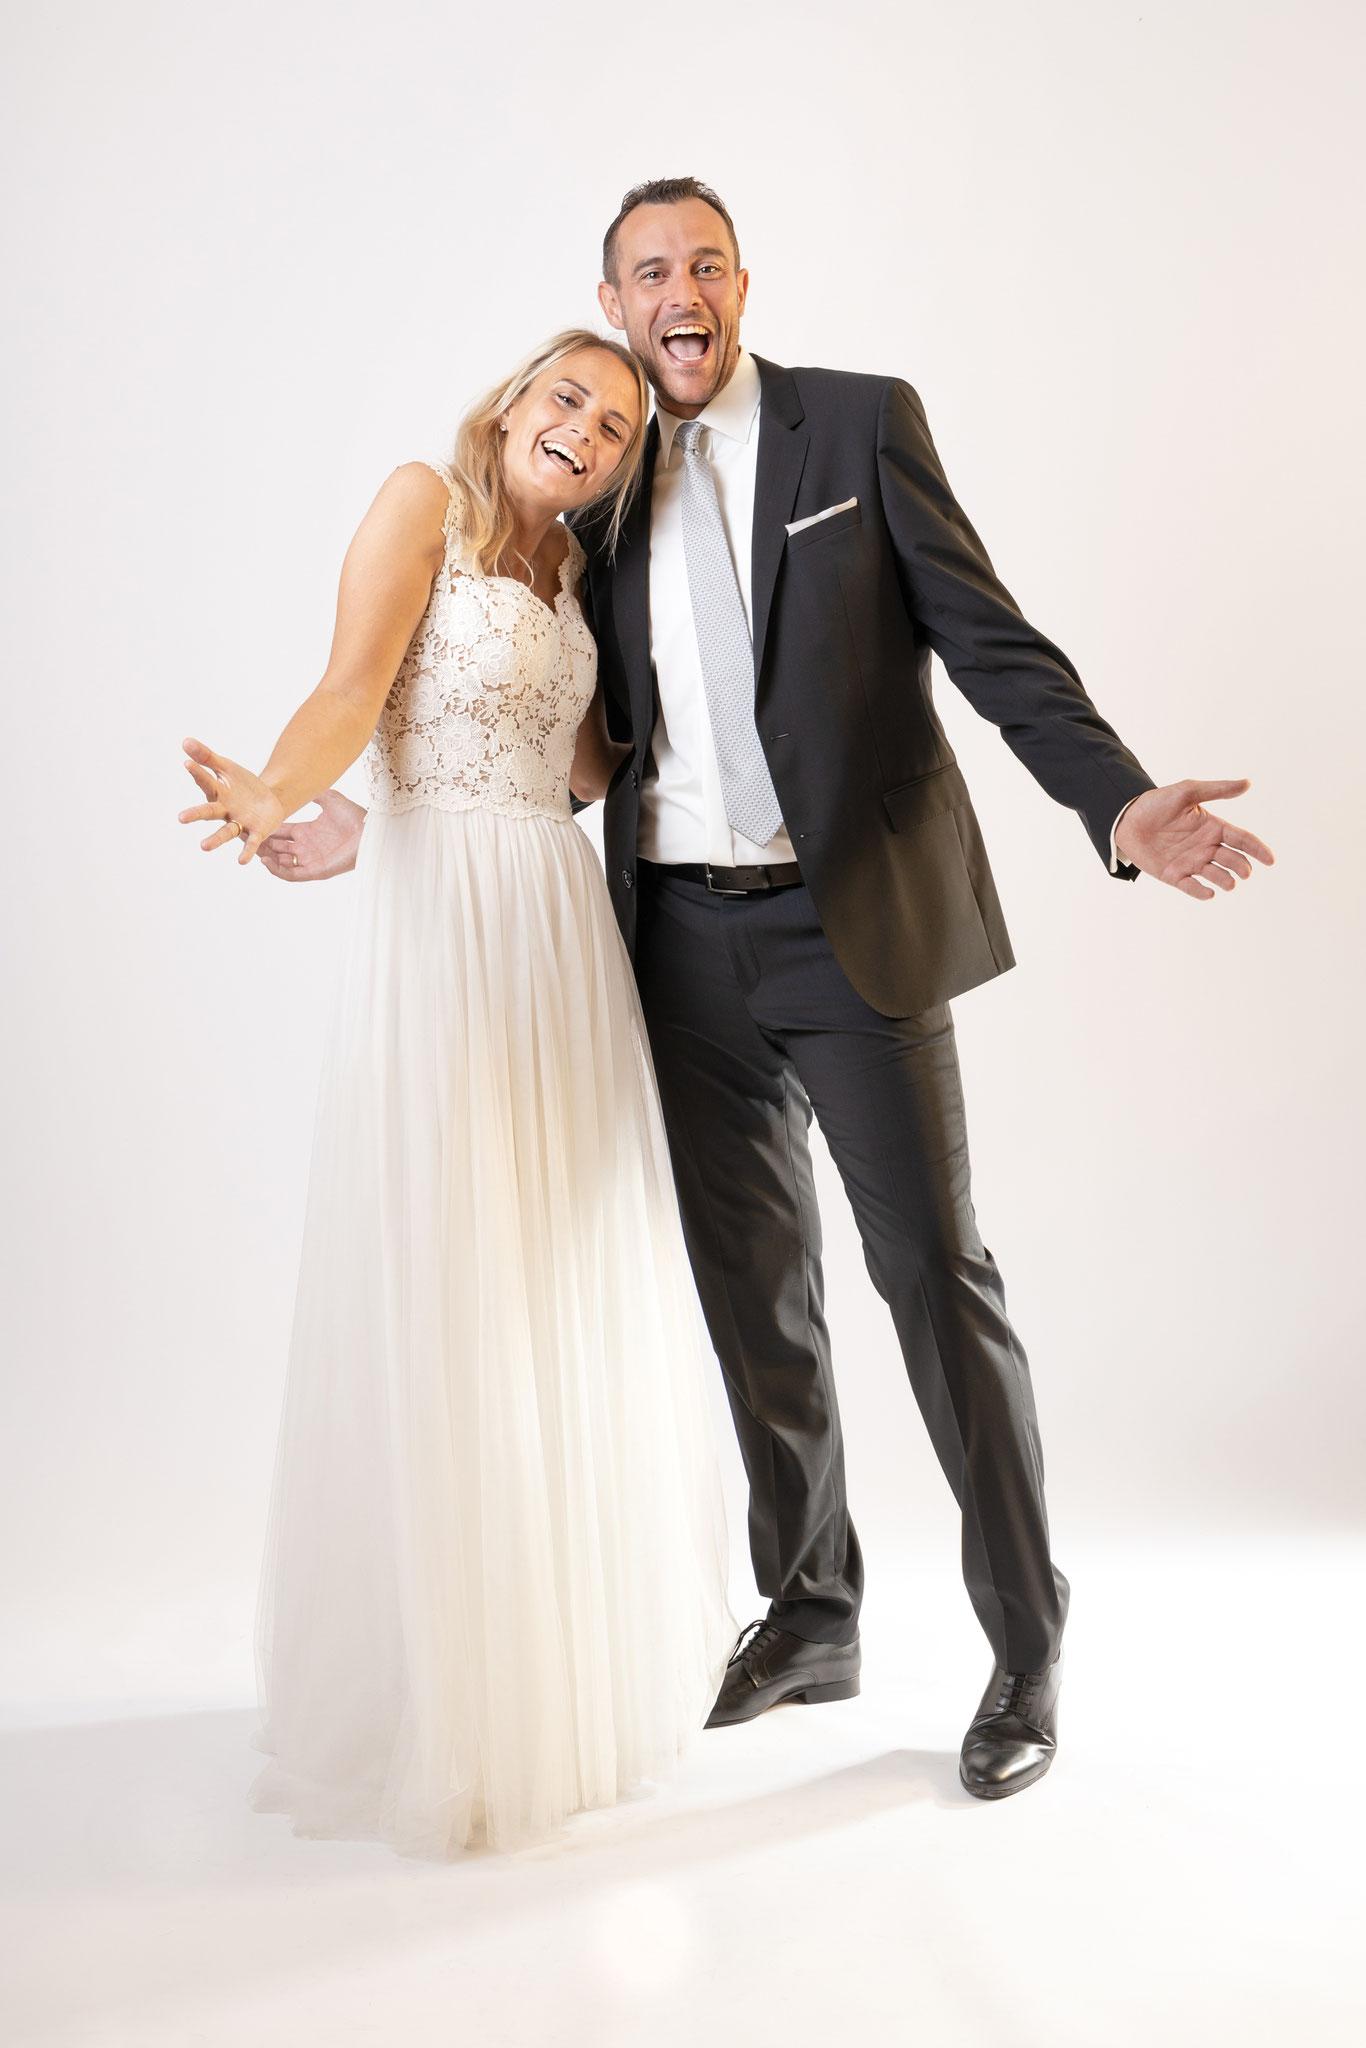 Hochzeits Fotoshooting im Studio Fotos mit Freude mit romantischen Brautkleid und Ehepaar - Fotostudio Erlangen